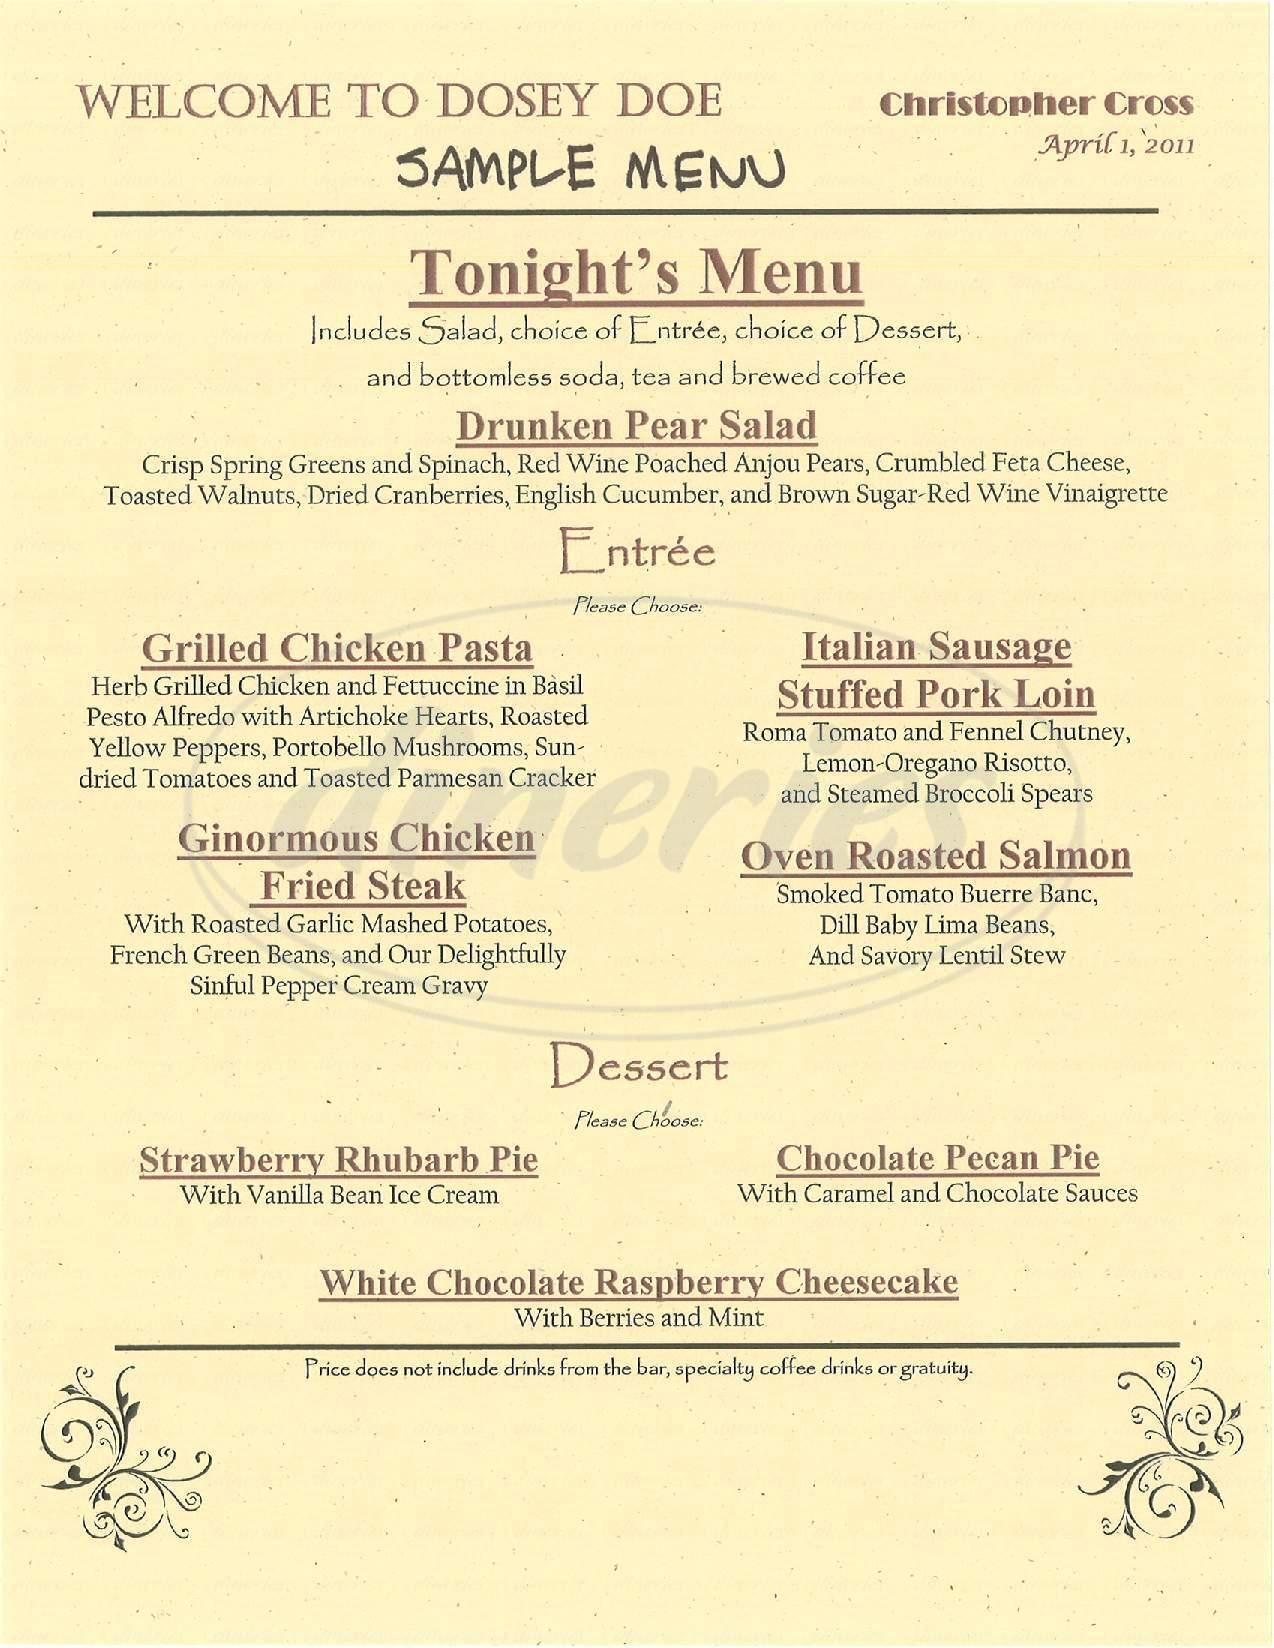 menu for Dosey Doe